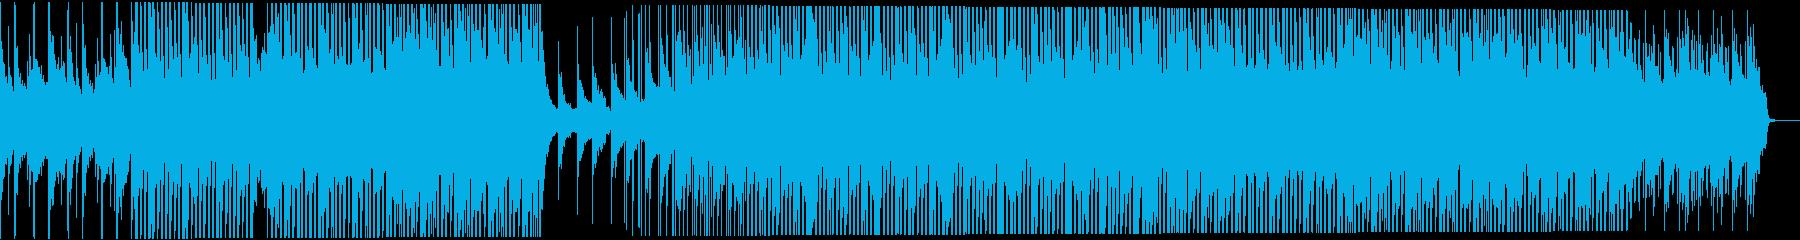 企業VP・勇敢・明るい・未来・ピアノの再生済みの波形